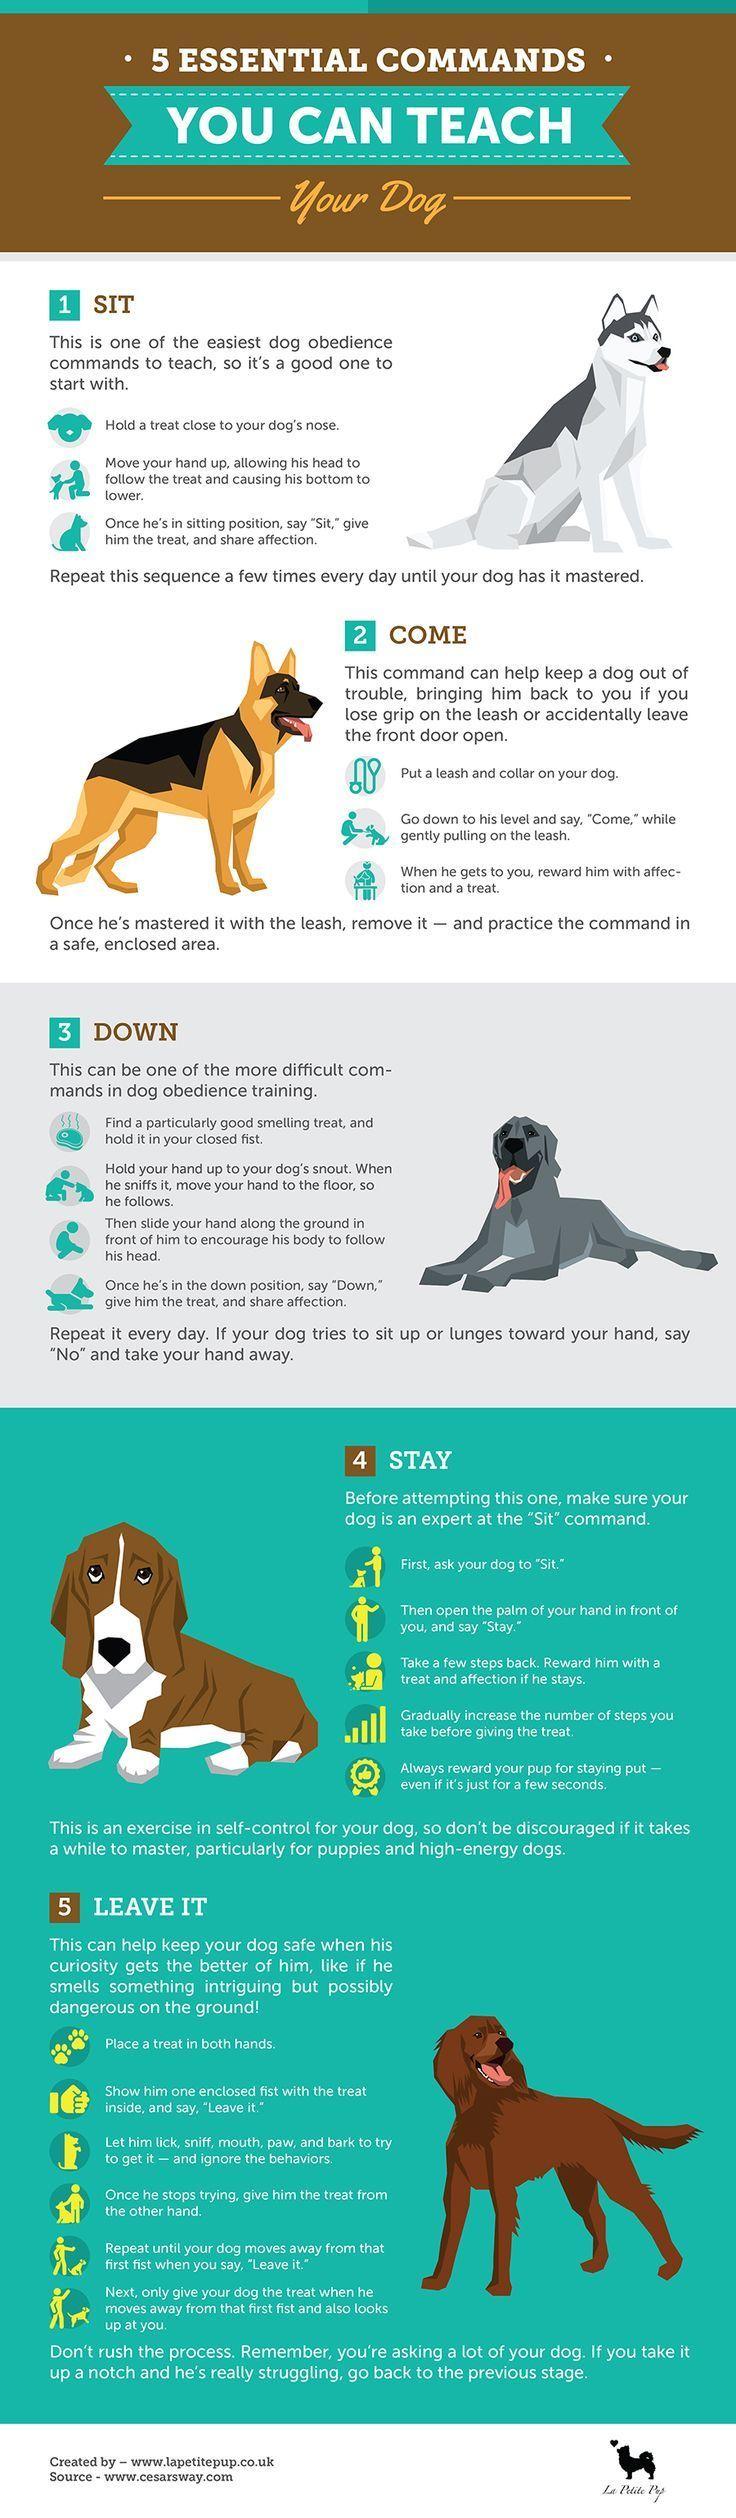 Dog Training 101 How To Train Your Dog Dog Training Dog Care